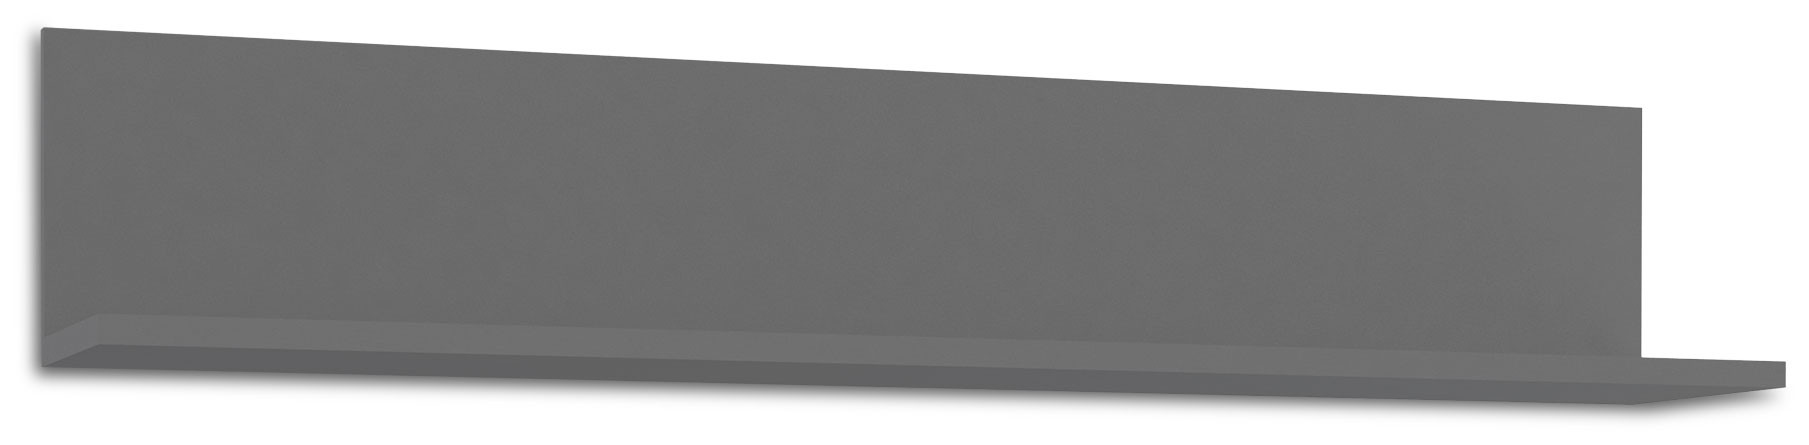 Półka wisząca Libelle typ 01